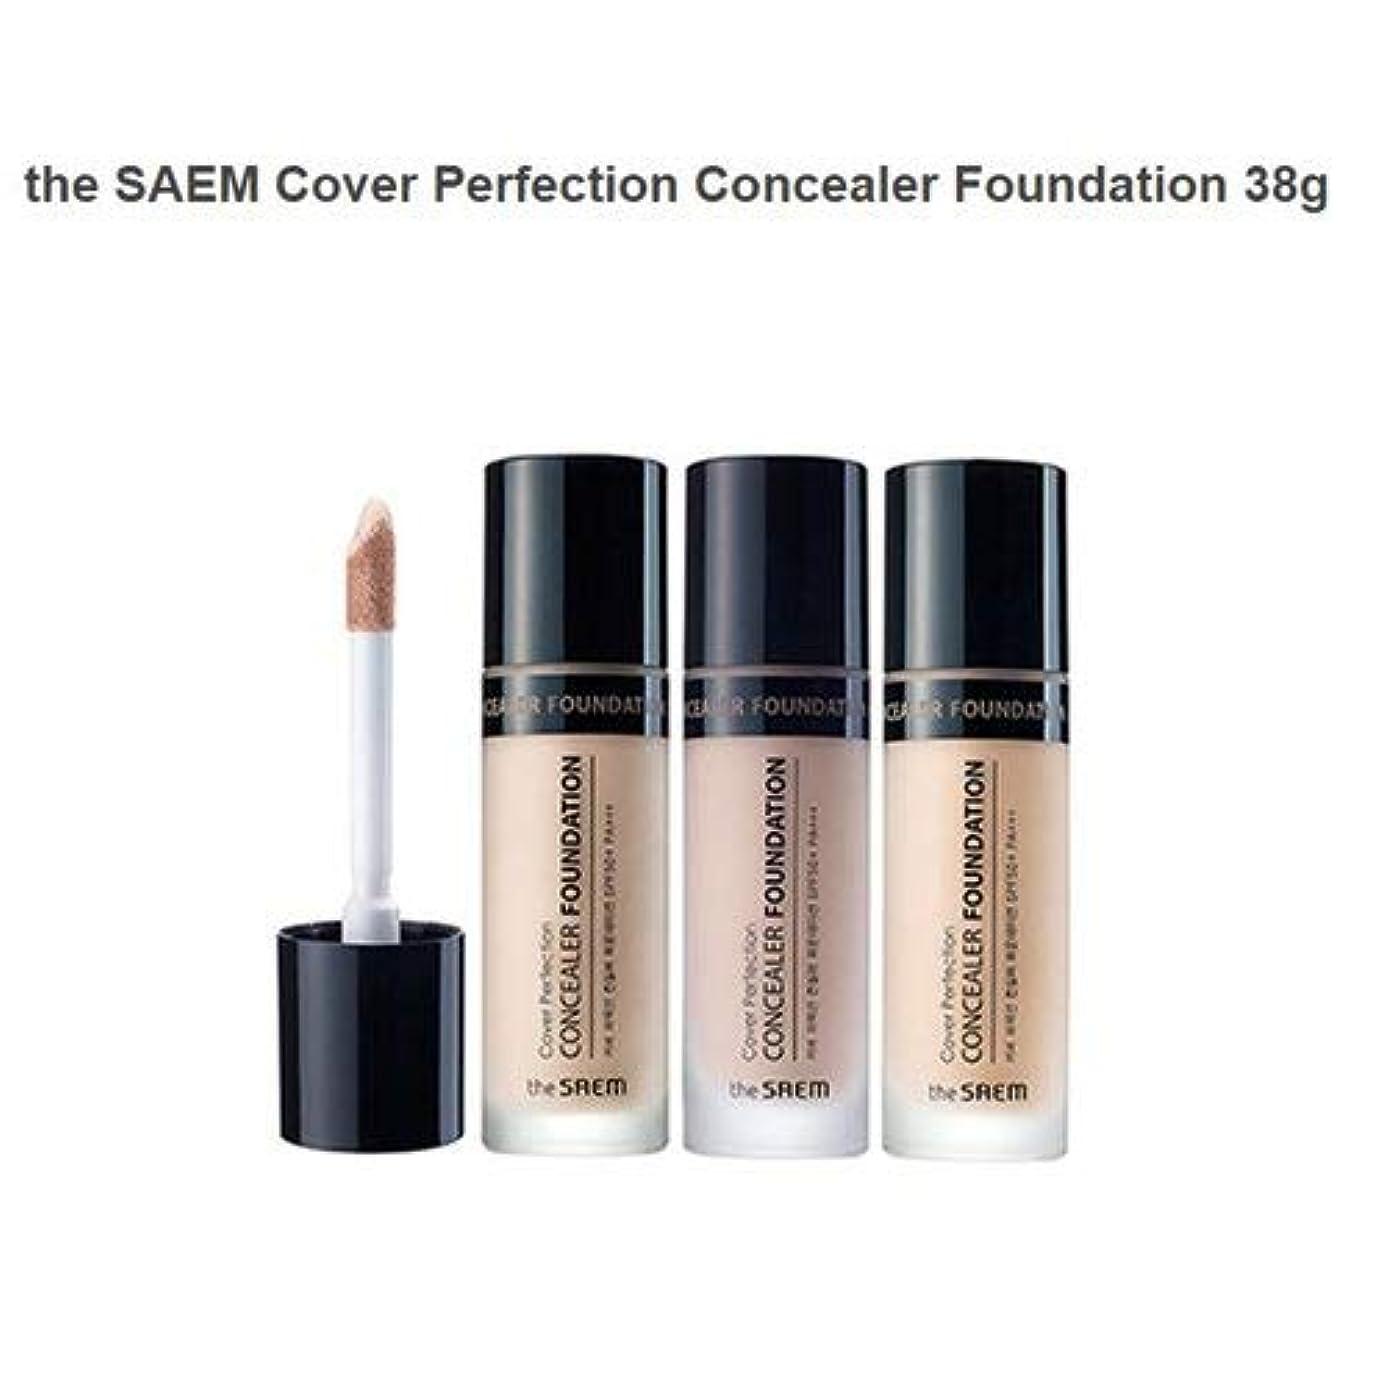 柔らかい足試してみる不確実【The Saem】カバーパーフェクションコンシーラーファンデーション Cover Perfection CONCEALER FOUNDATION 【SPF50+ PA+++】 ((ConclearFoundation) 01 クリアベージュ)